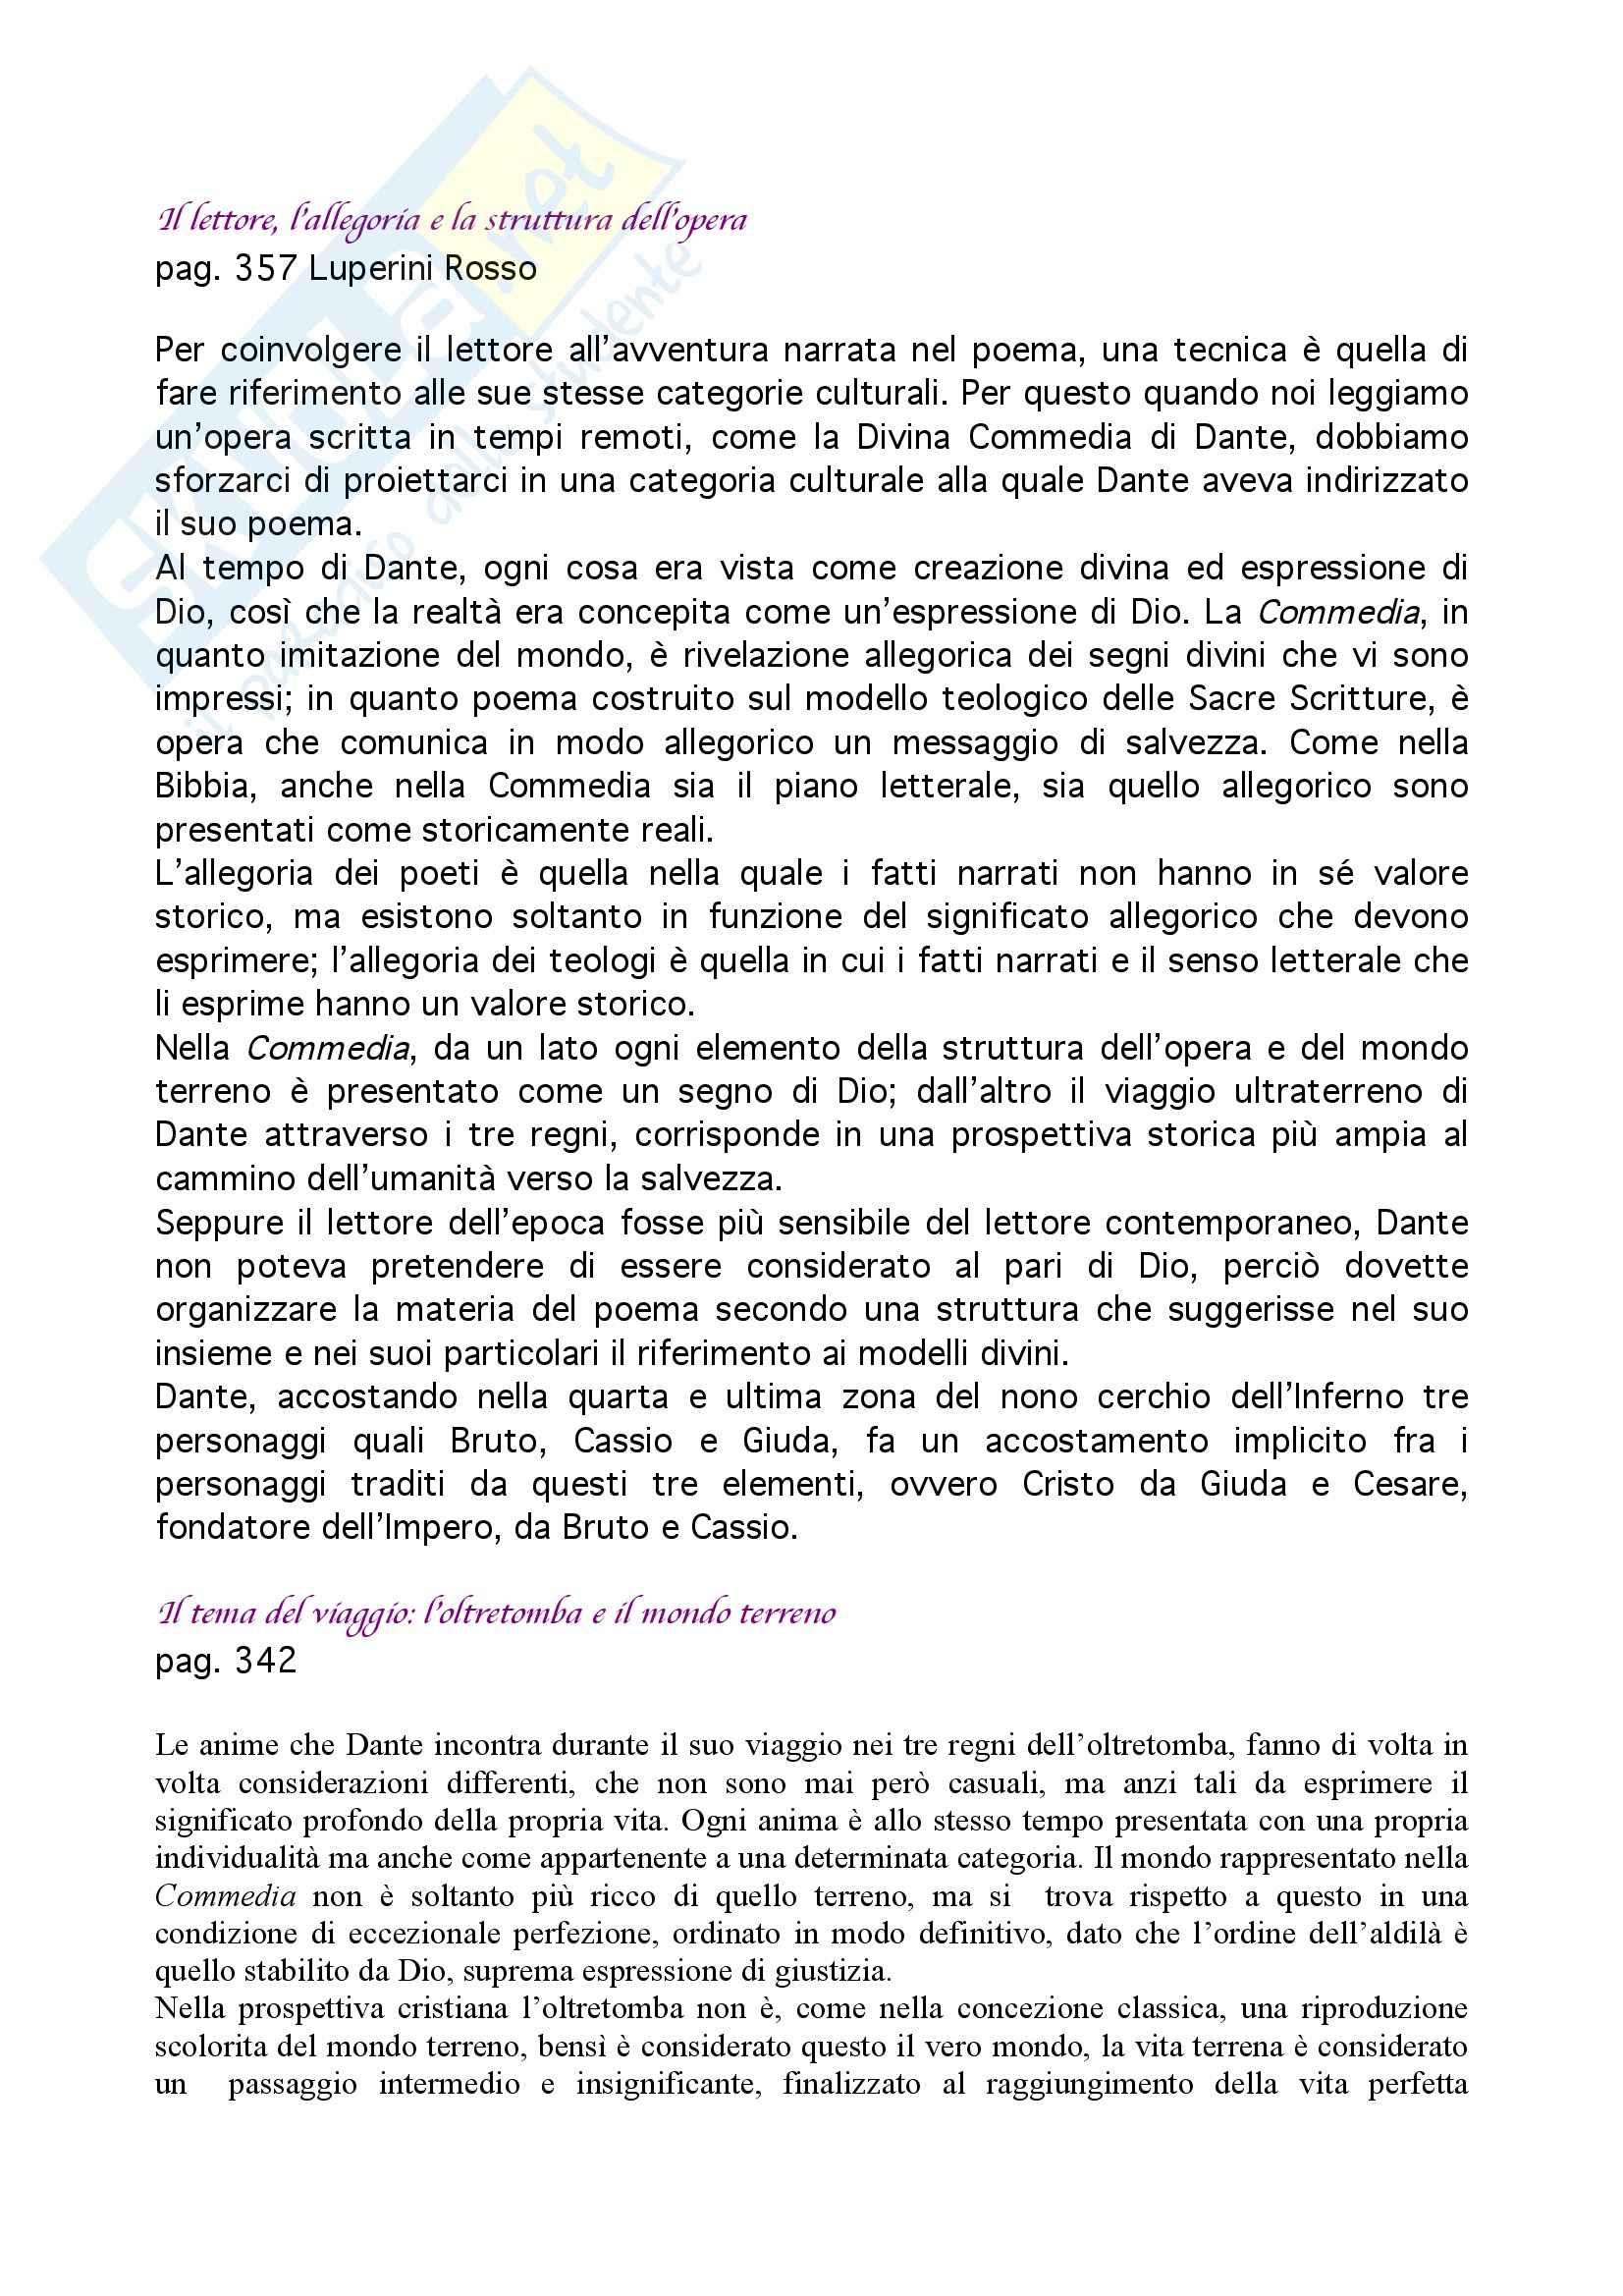 Letteratura italiana - nozioni generali